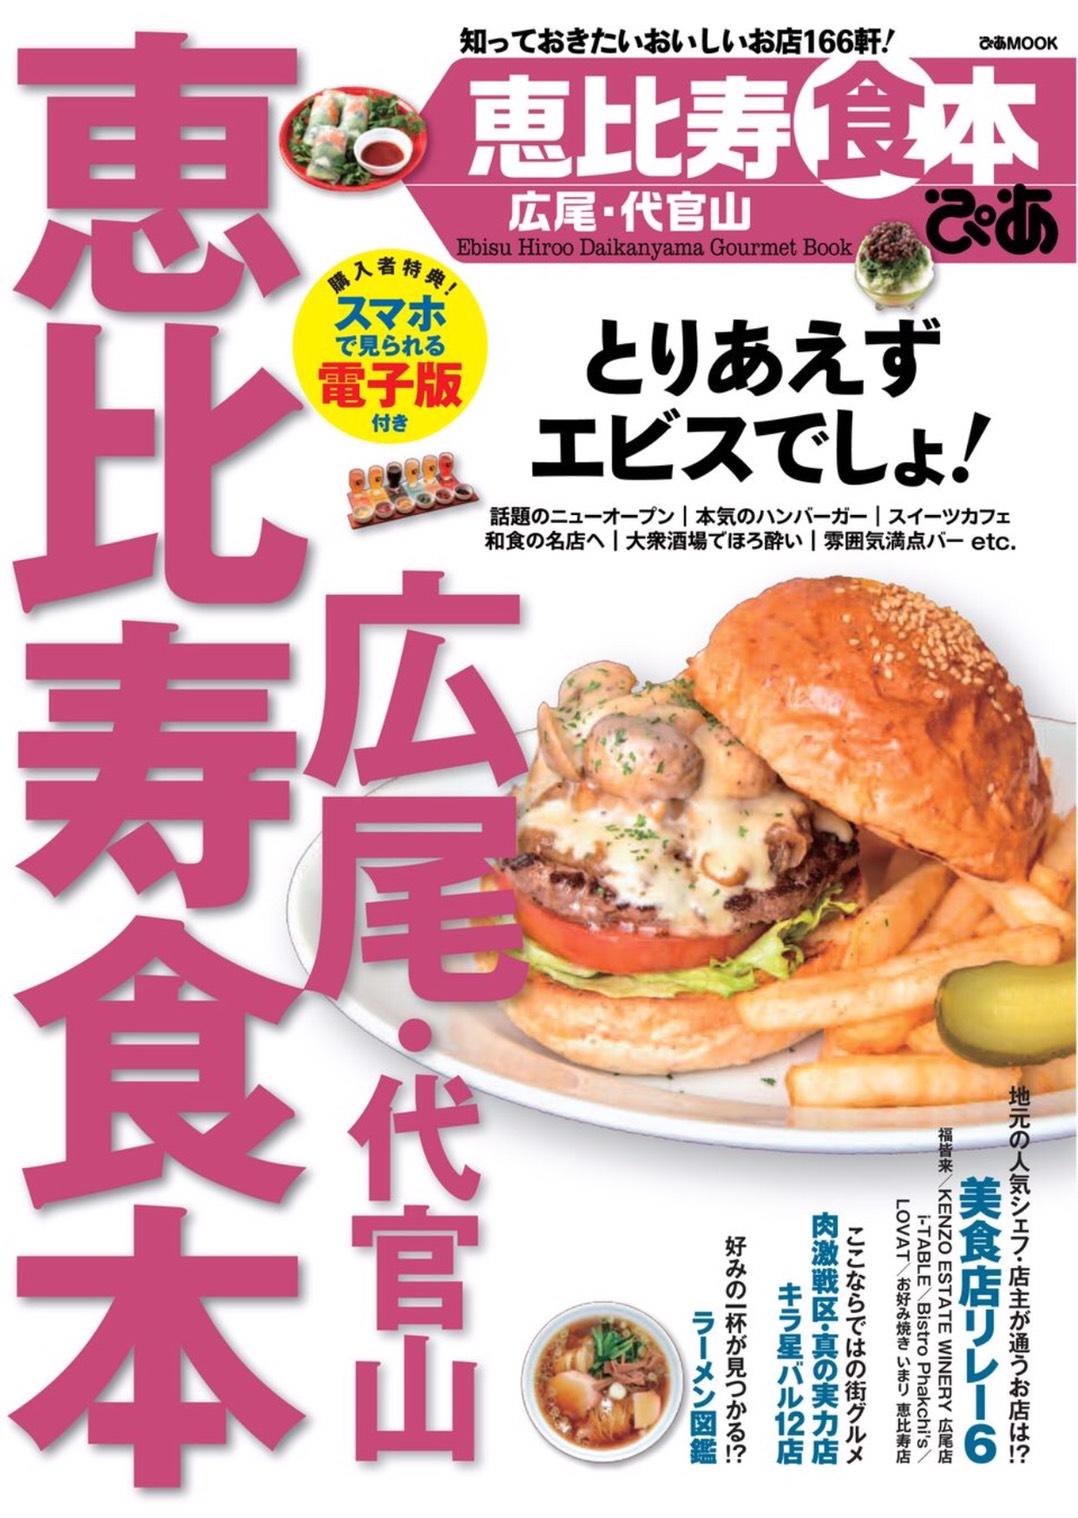 恵比寿食本1